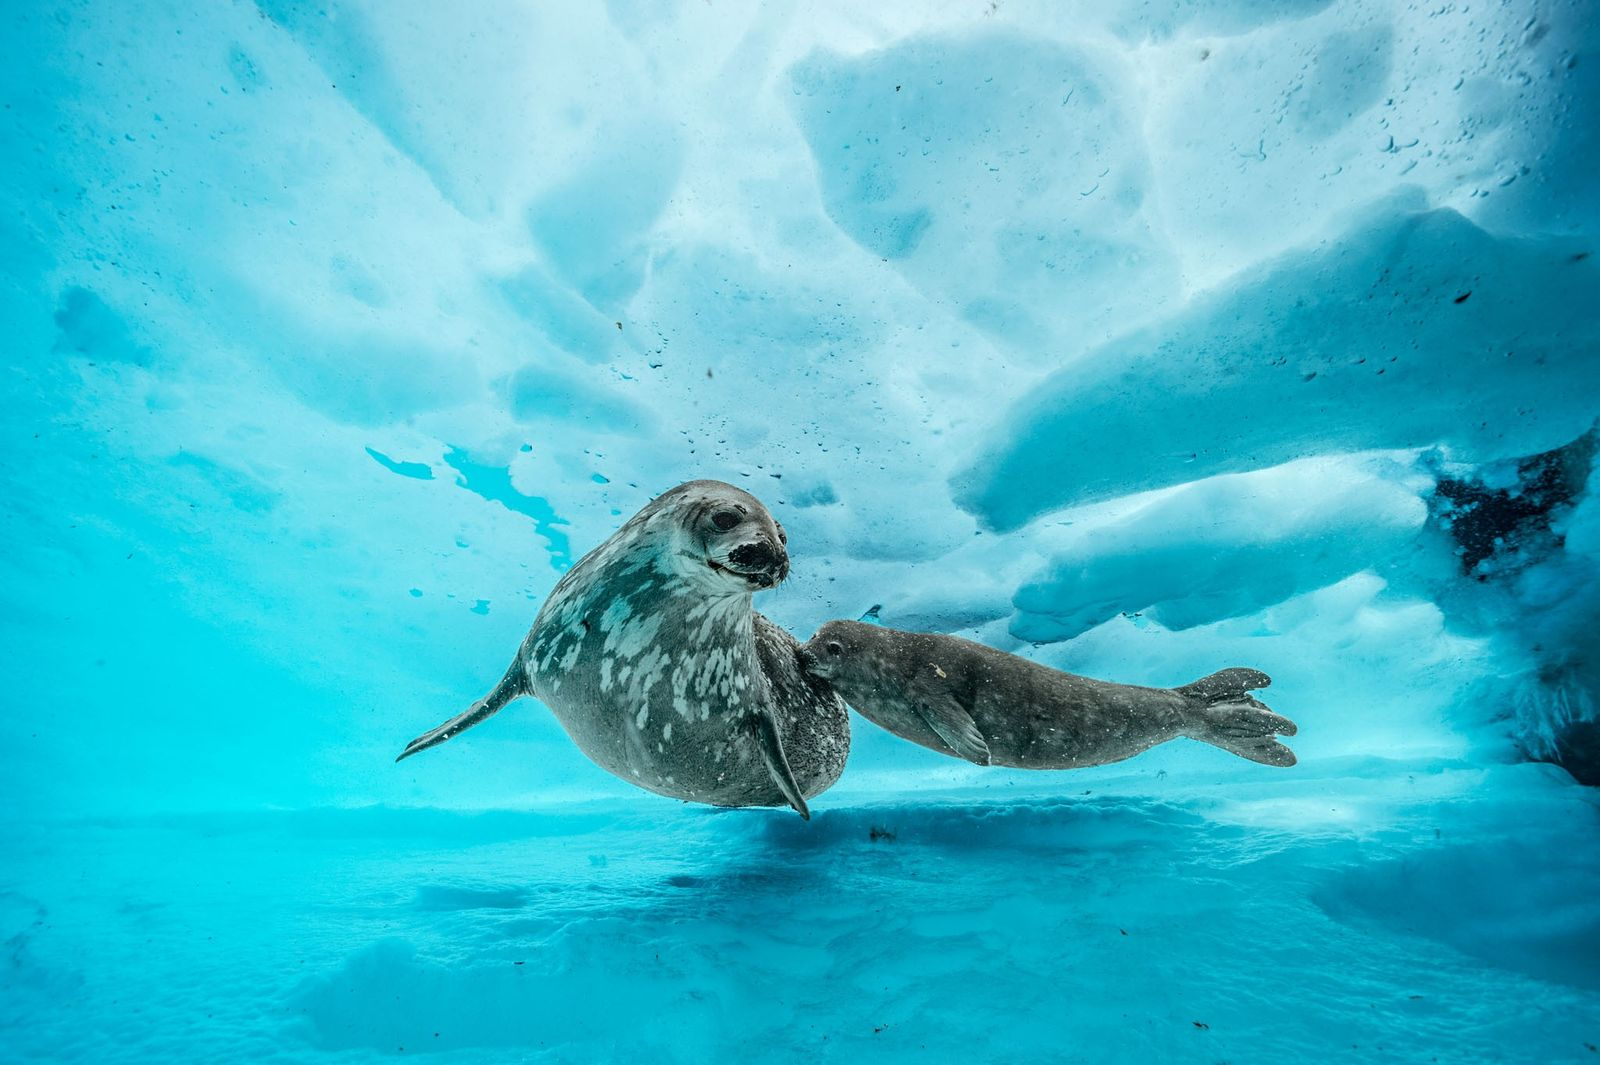 Mergulho sob a Antártida revela um mundo colorido e vibrante